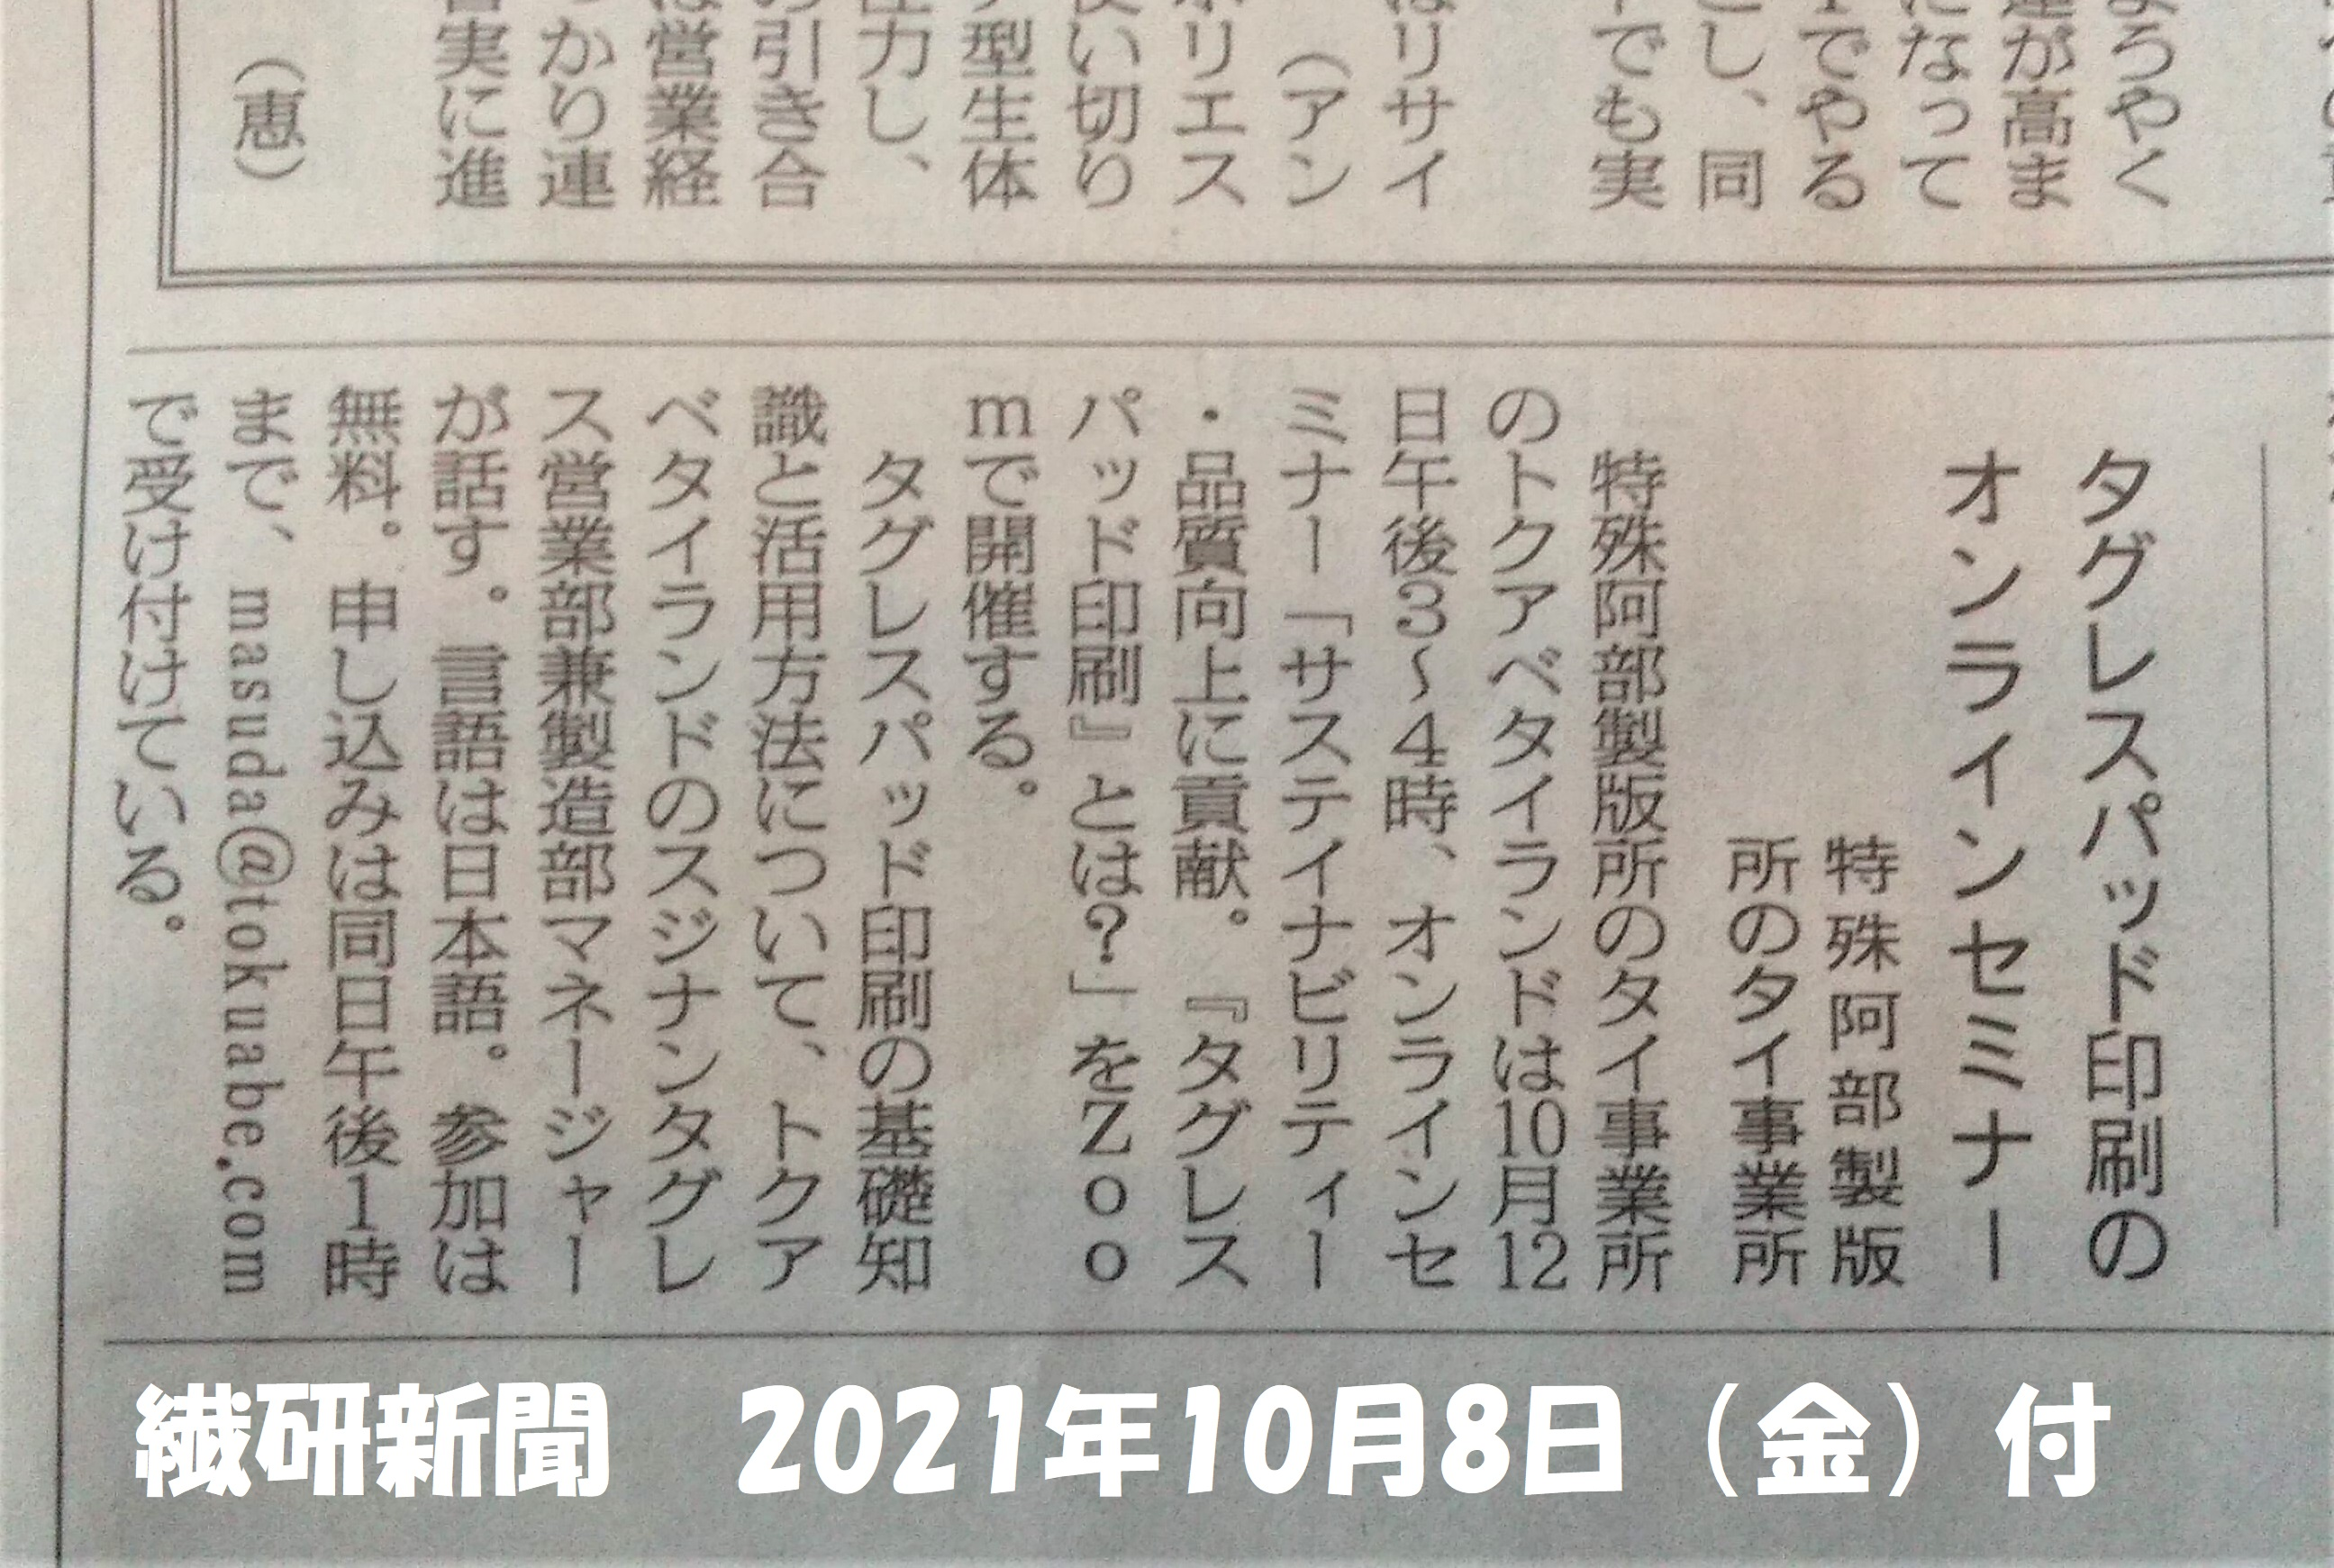 21.10.08_繊研新聞記事.jpg